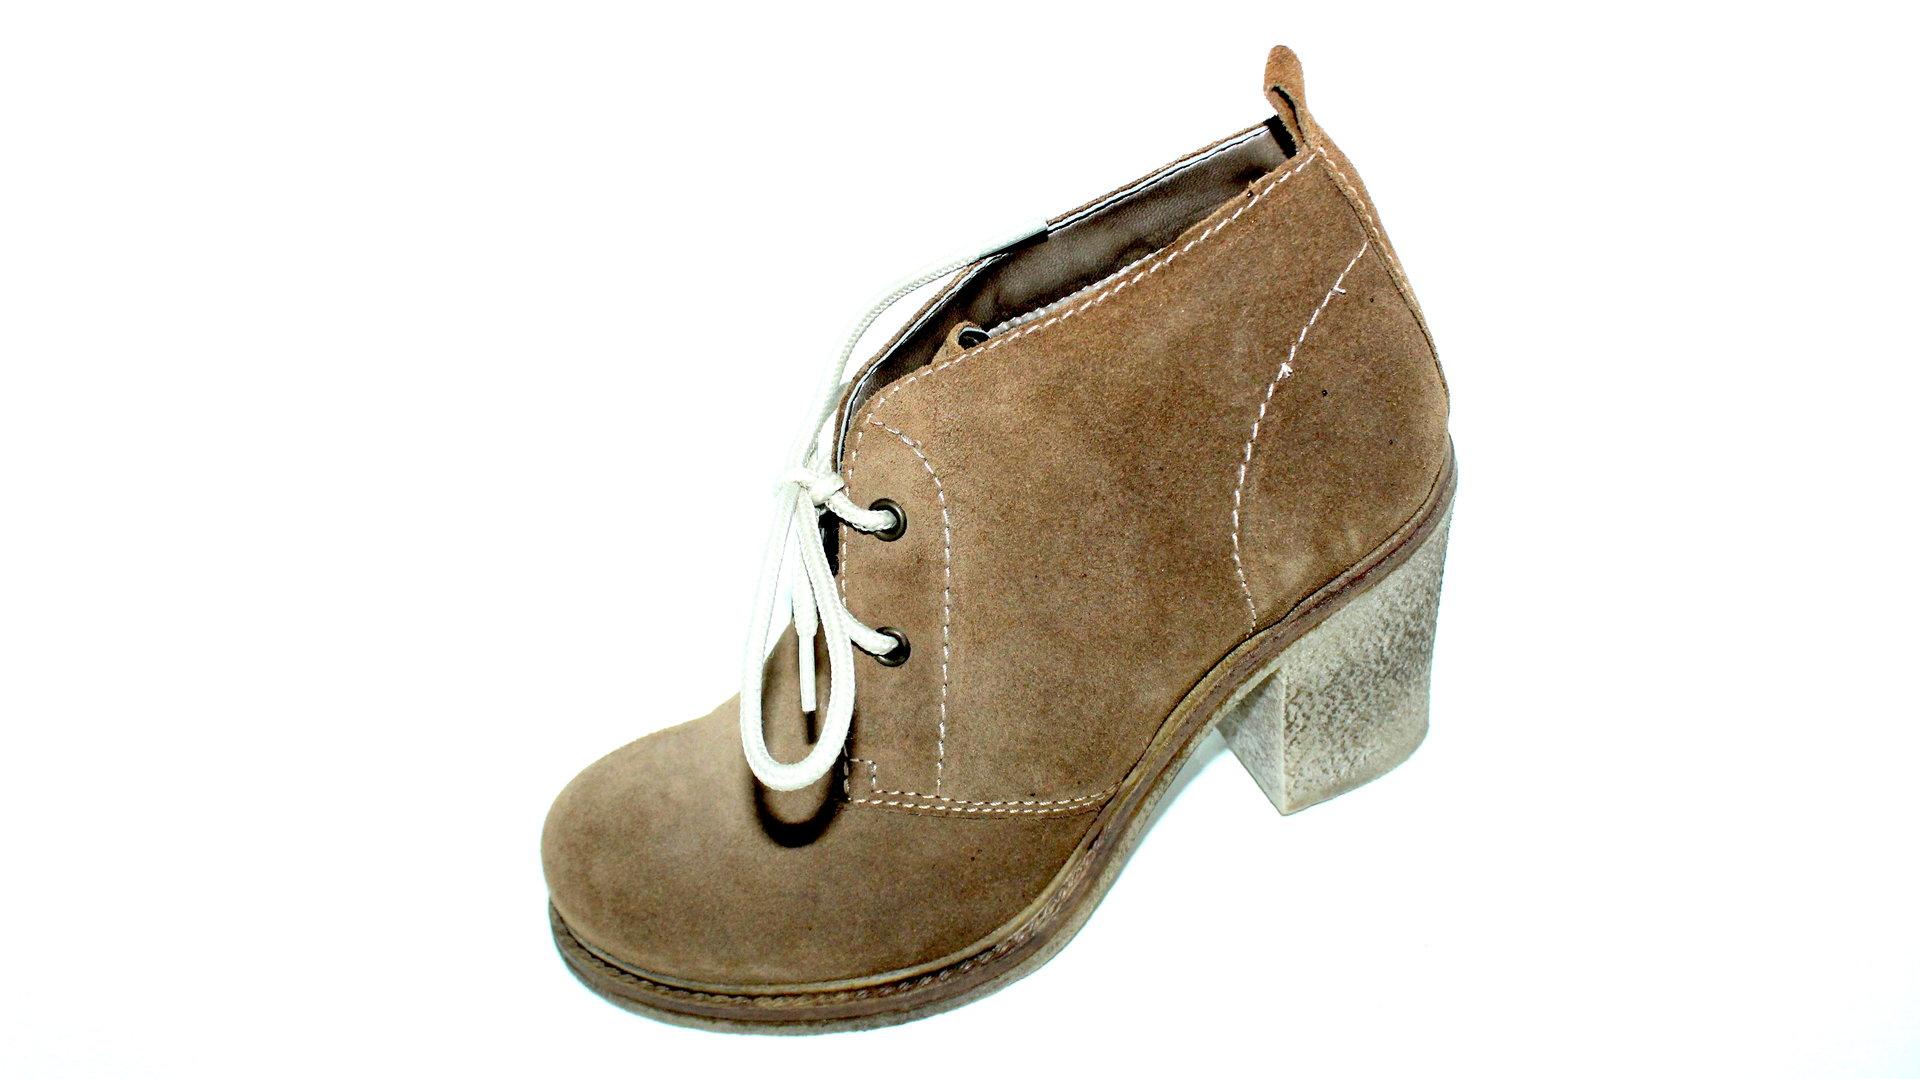 RIEKER Schnür Ankle Boots Stiefeletten braun 39 WwcoY